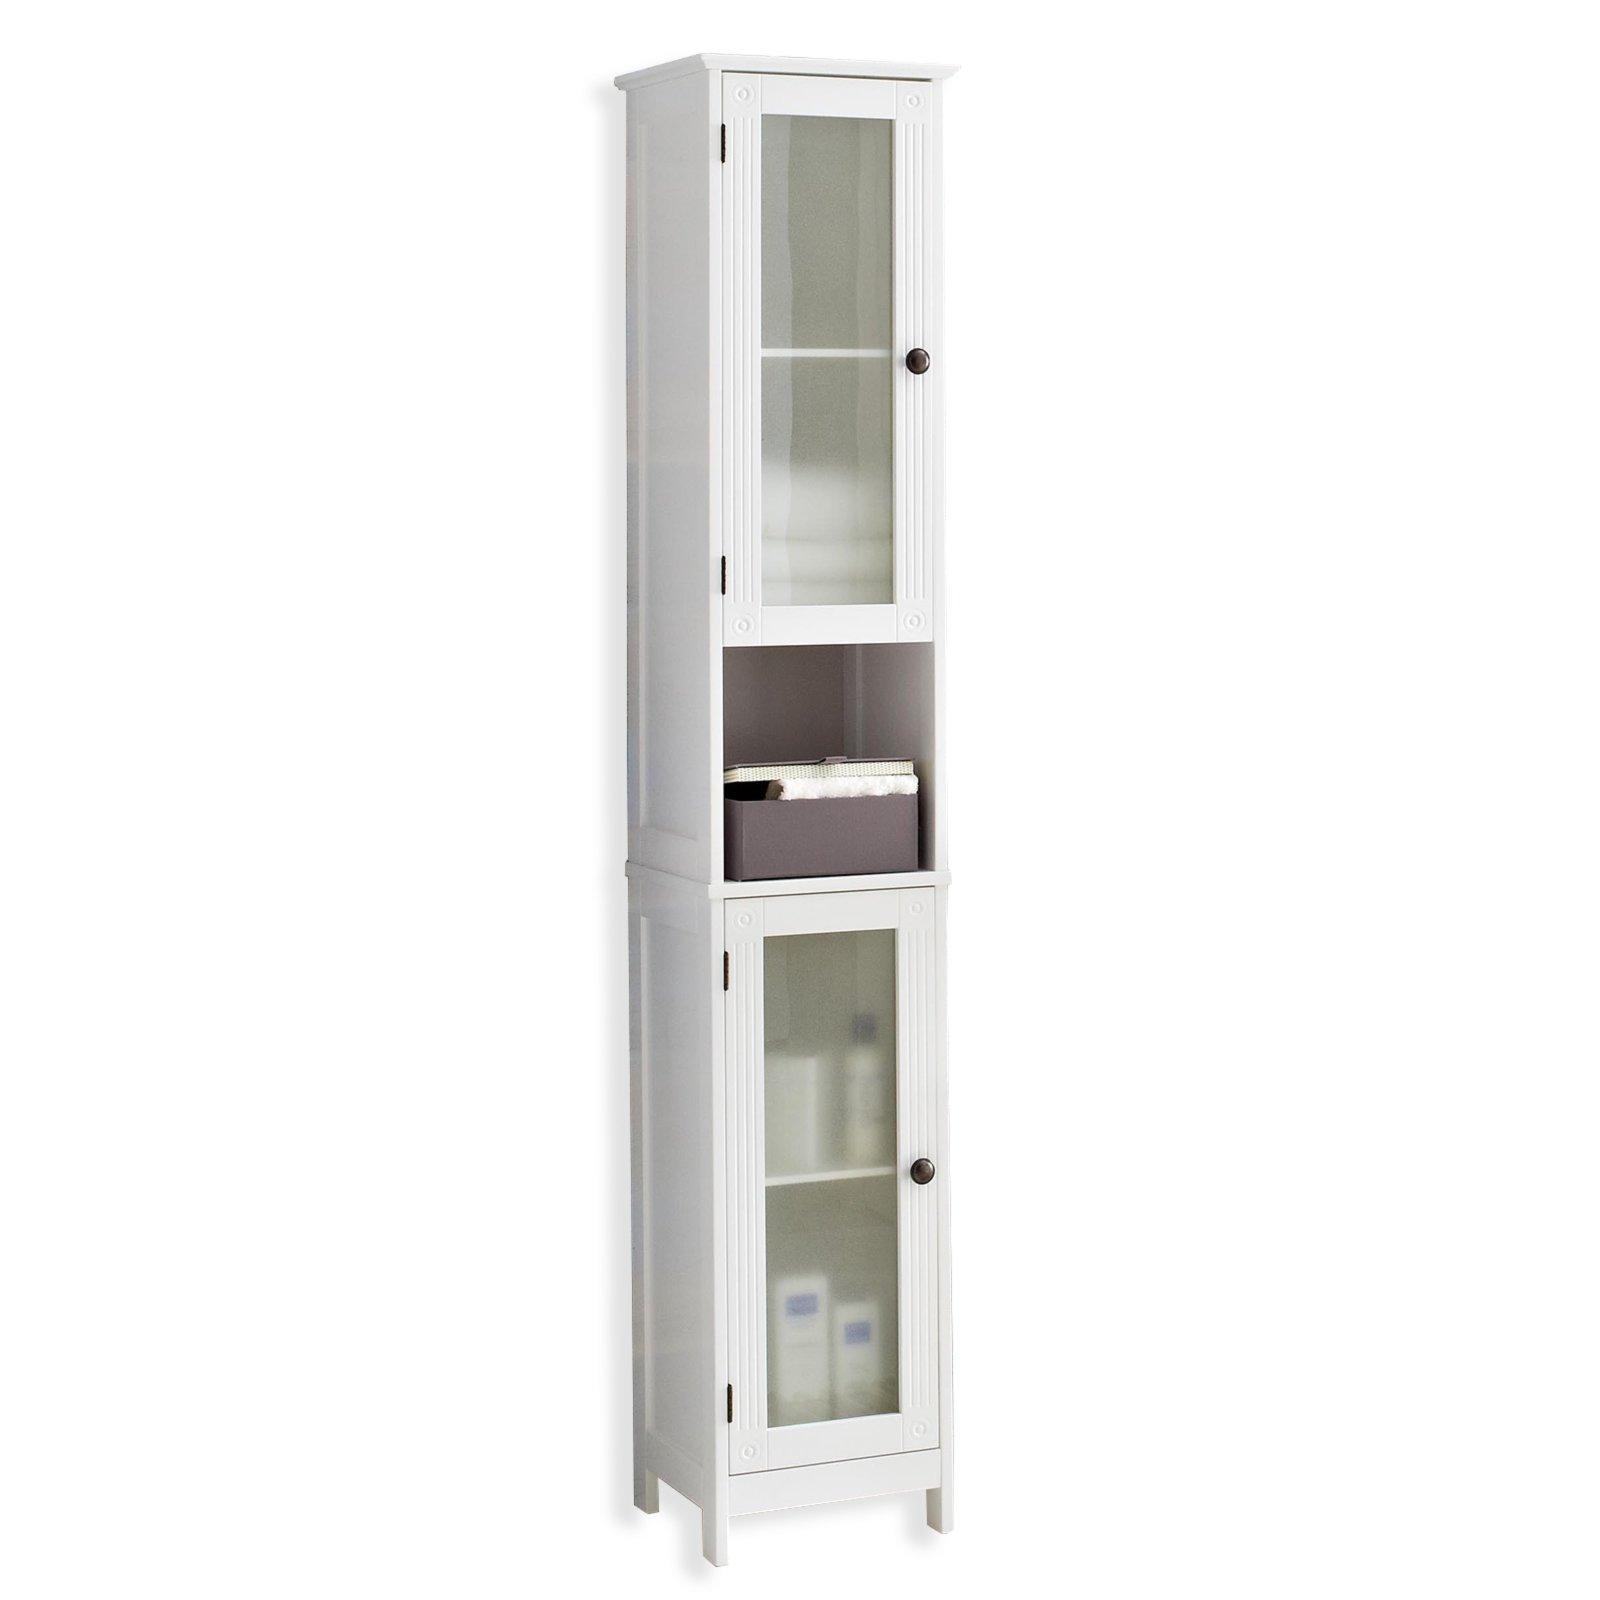 hochschrank maxim wei hochglanz glas ebay. Black Bedroom Furniture Sets. Home Design Ideas